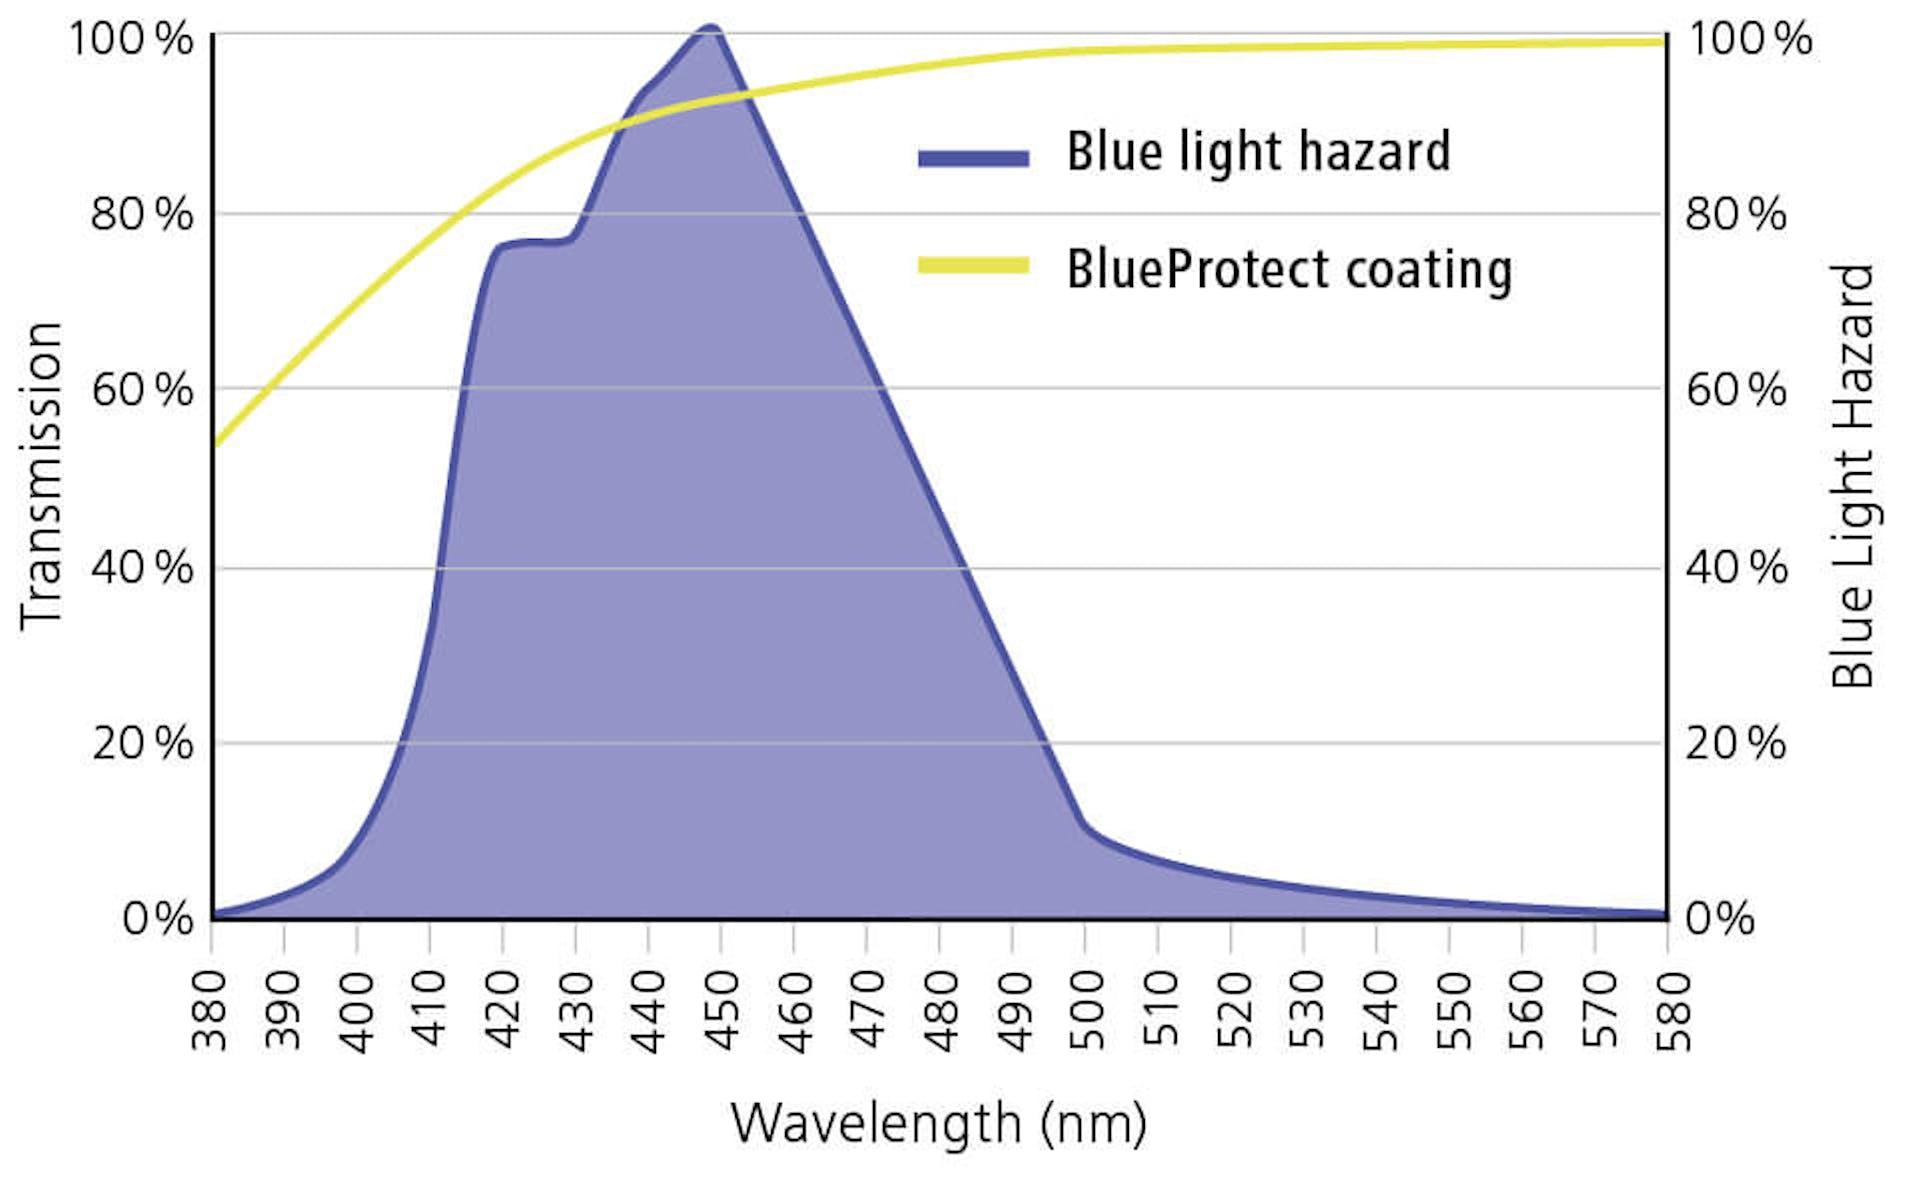 Покрытие ZEISS DuraVision® BlueProtect отражает частицы сине-фиолетового света, производимого источниками, не допуская попадания синего света в глаза.